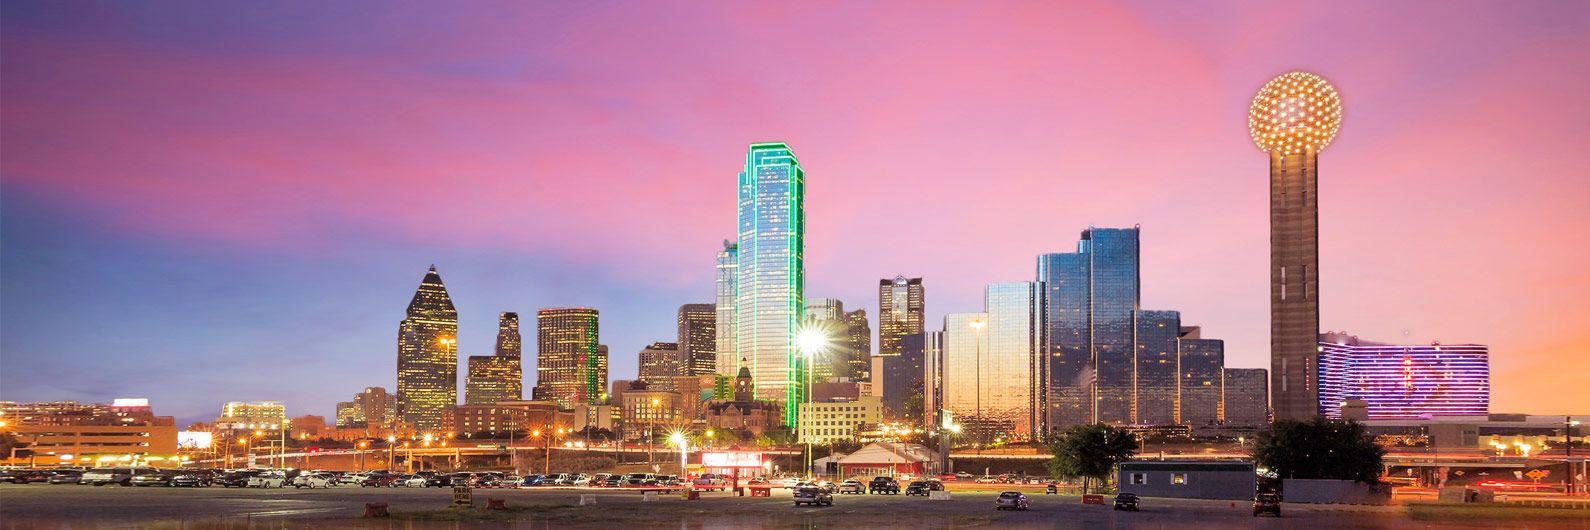 Cheaper car insurance in Dallas TX. Get affordable auto